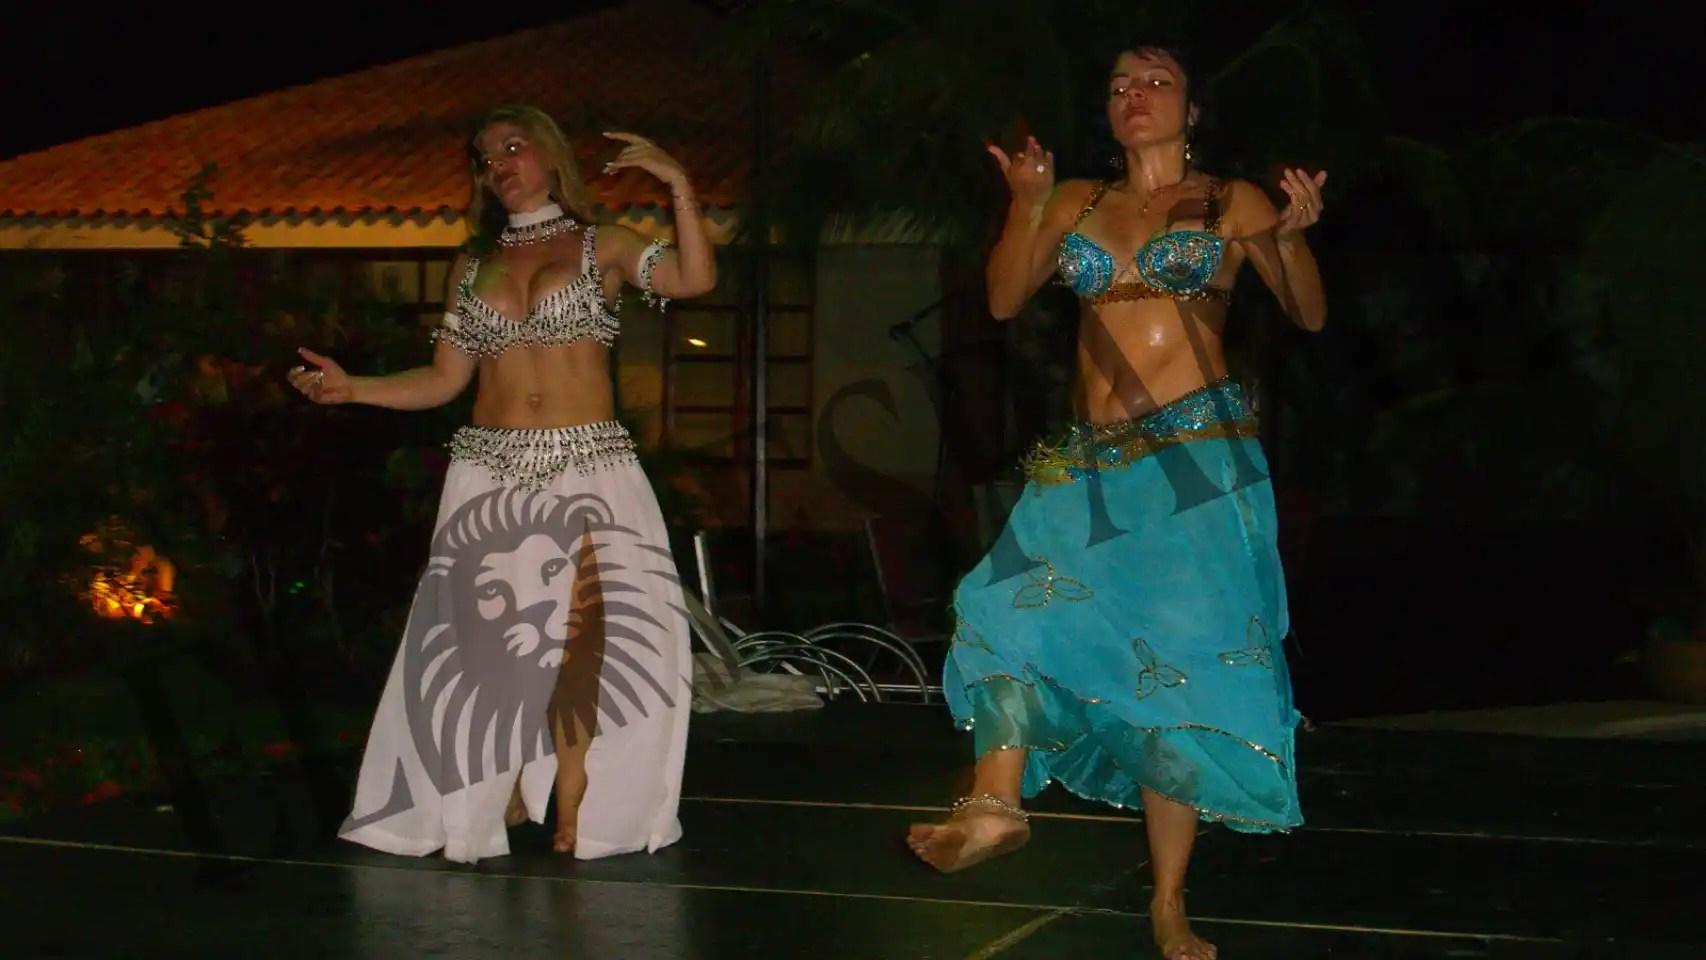 También había bailarinas de la danza del vientre en sus fiestas.